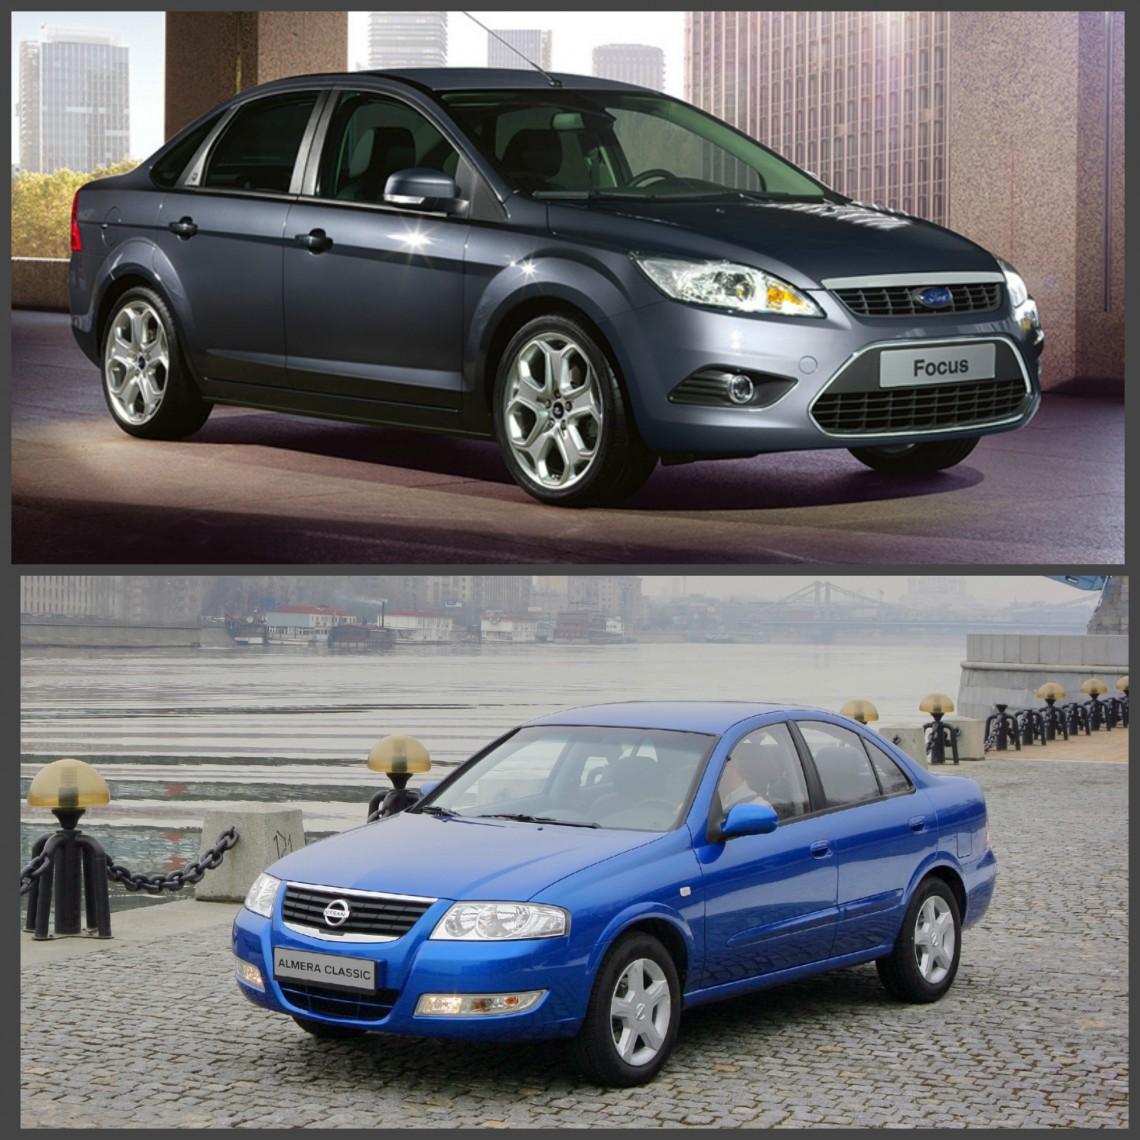 Что лучше: Форд Фокус или Ниссан Альмера Классик?